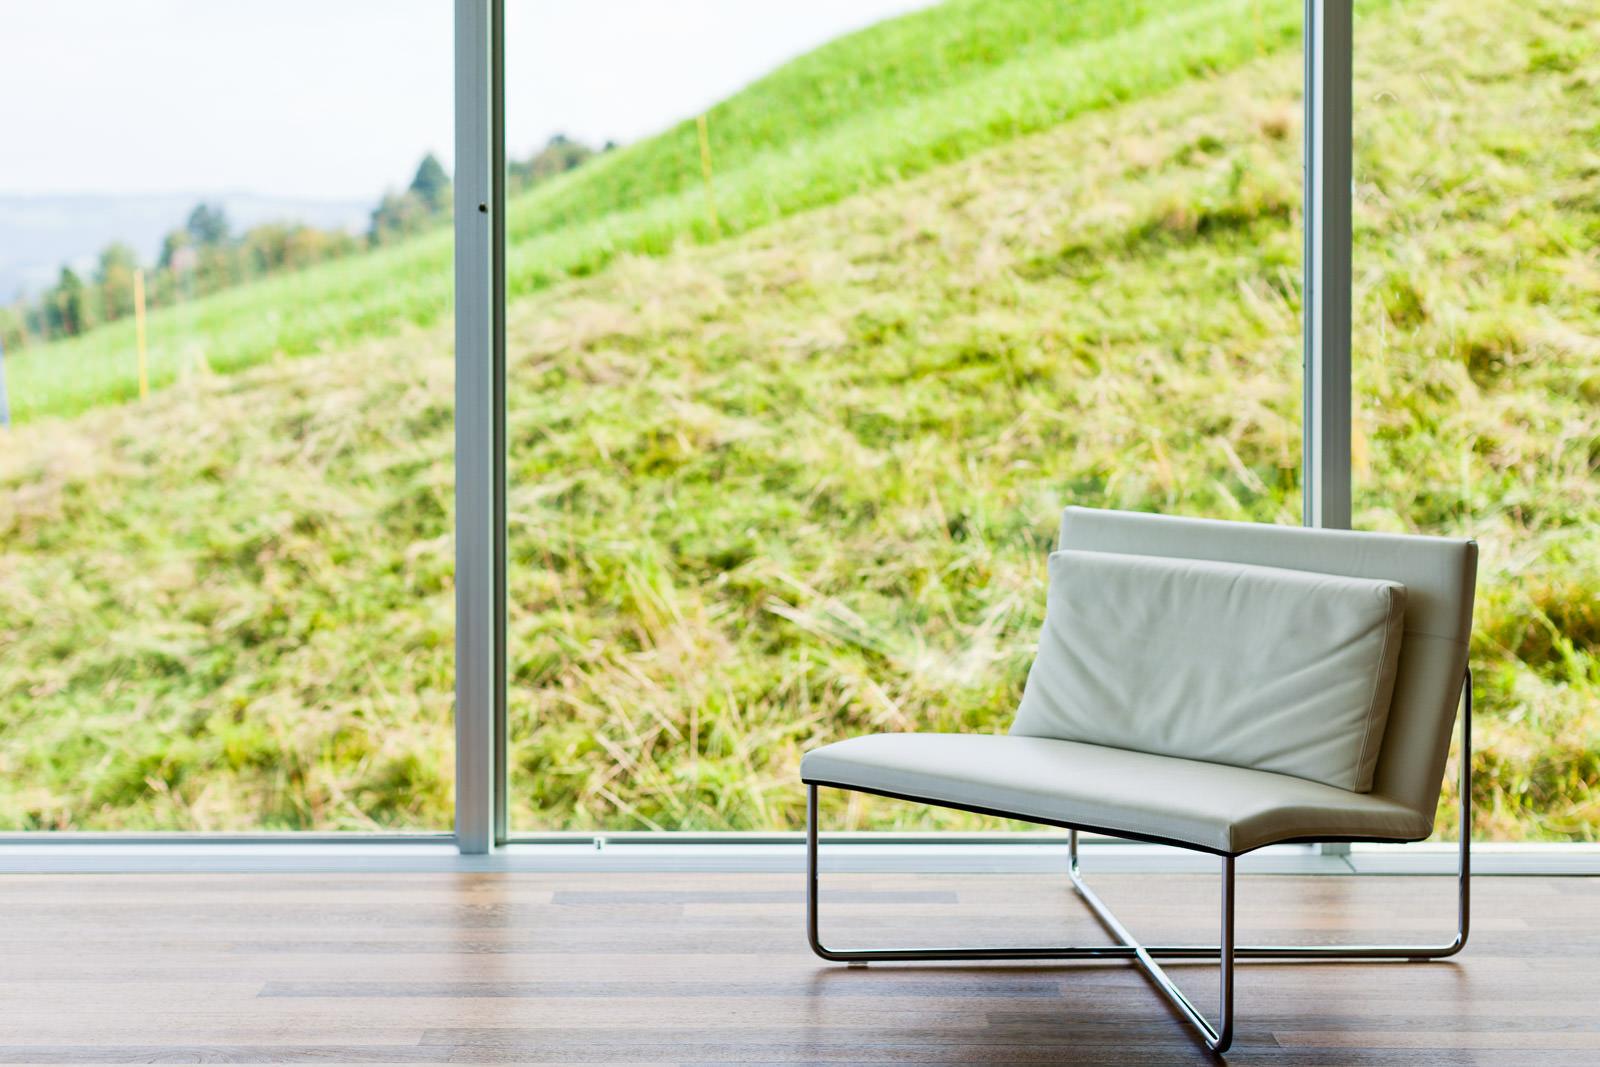 Interieur Möbelfotografie Immobilienfotografie